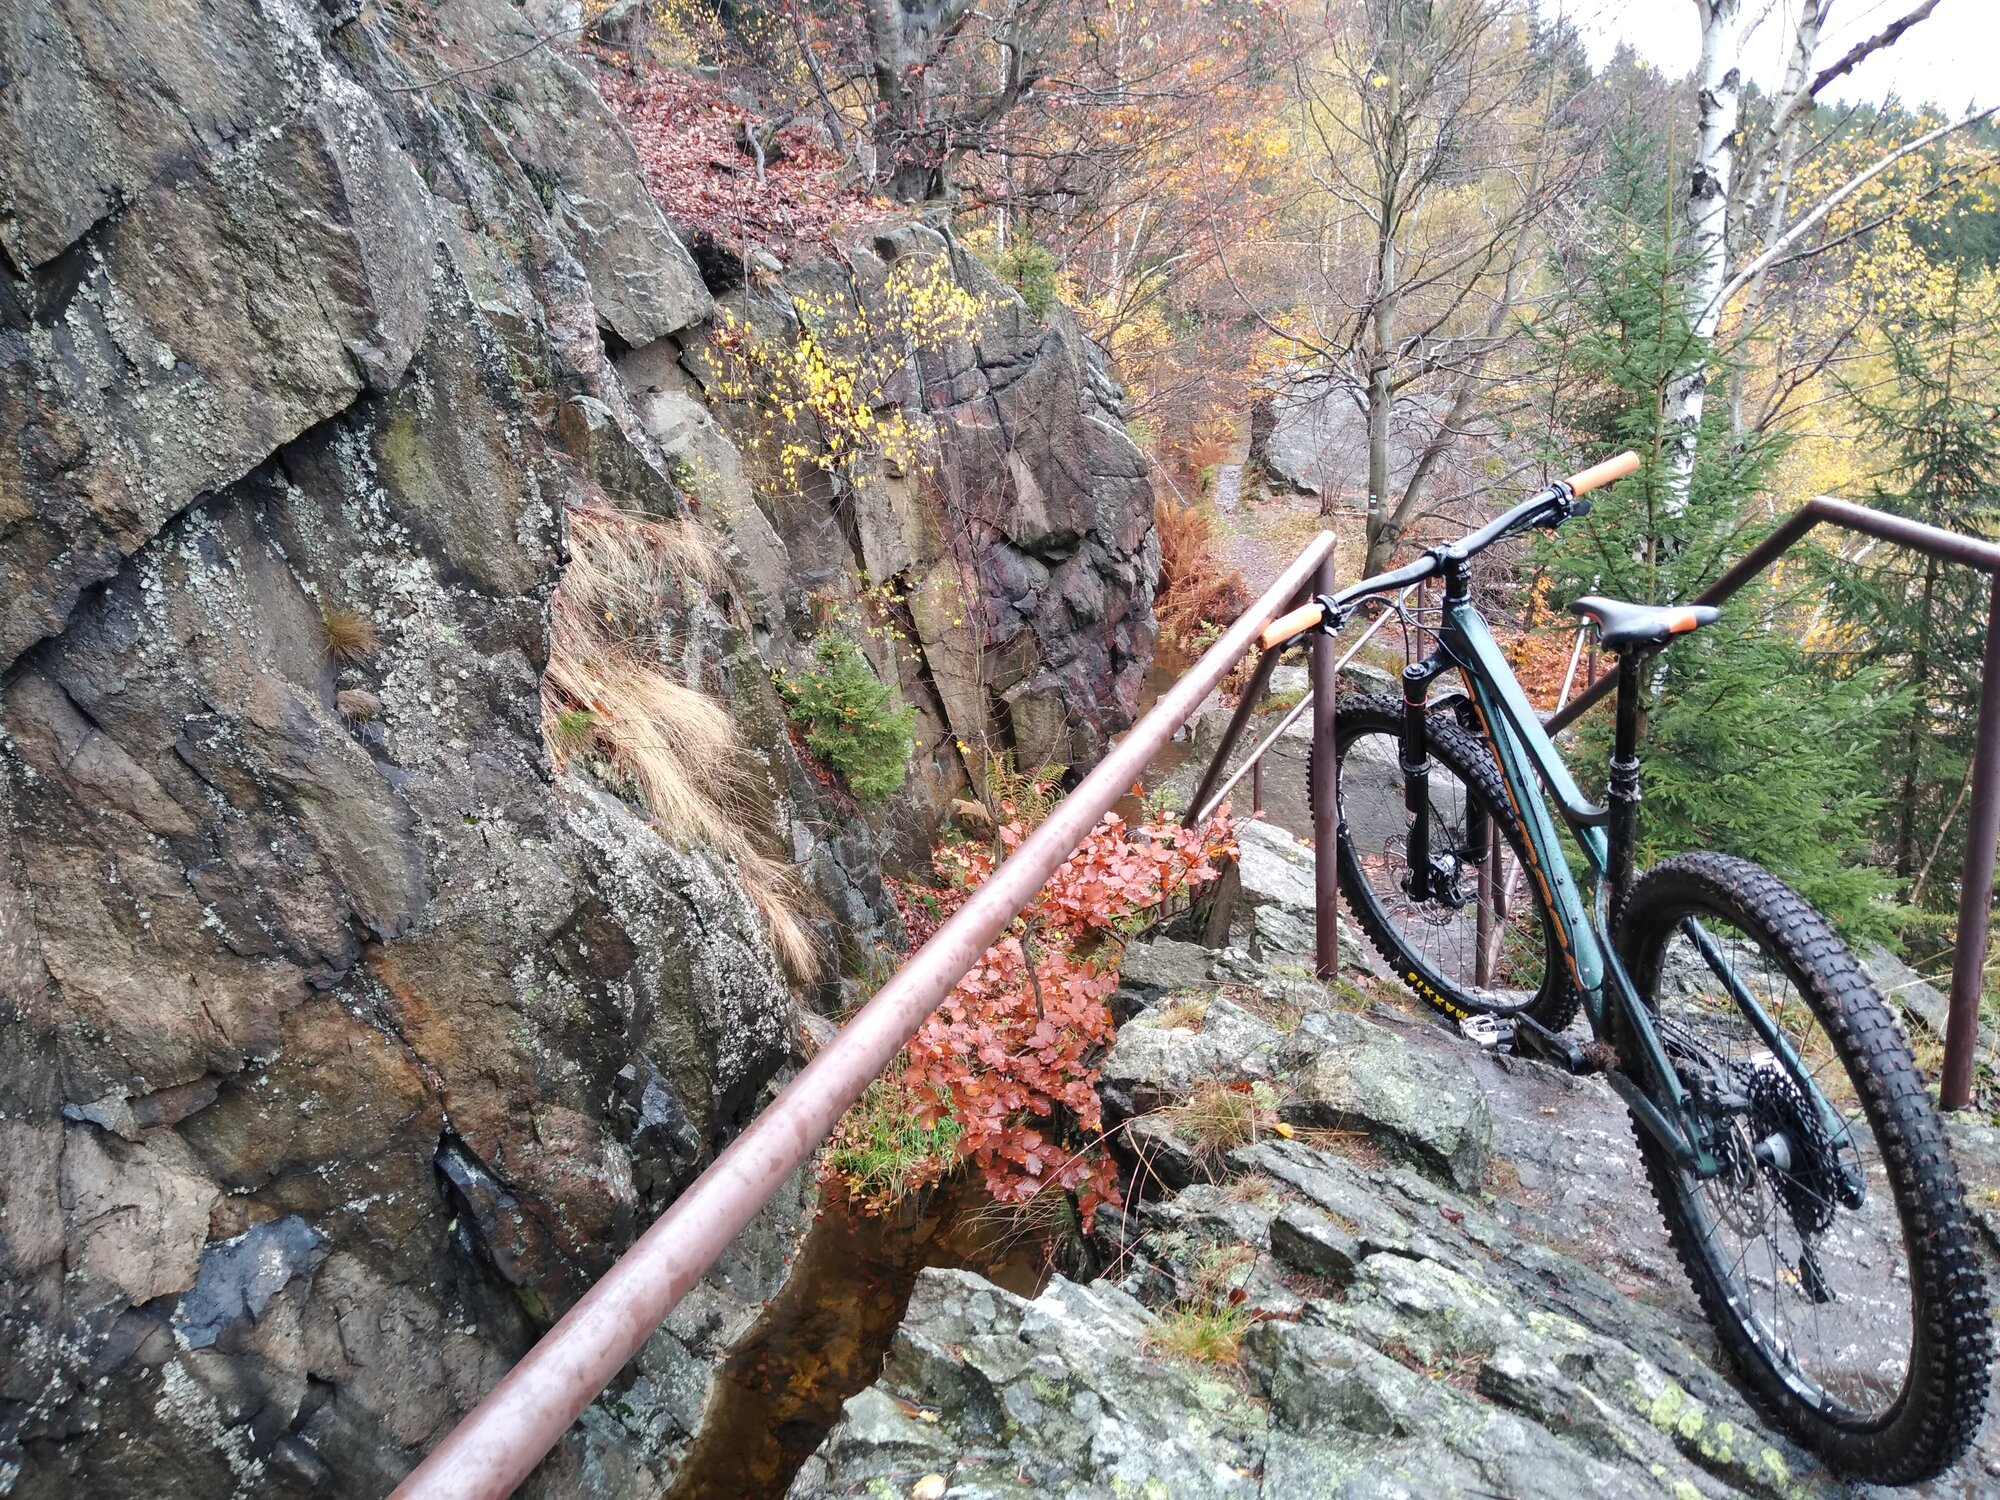 výlet na kole k přehradě Fláje